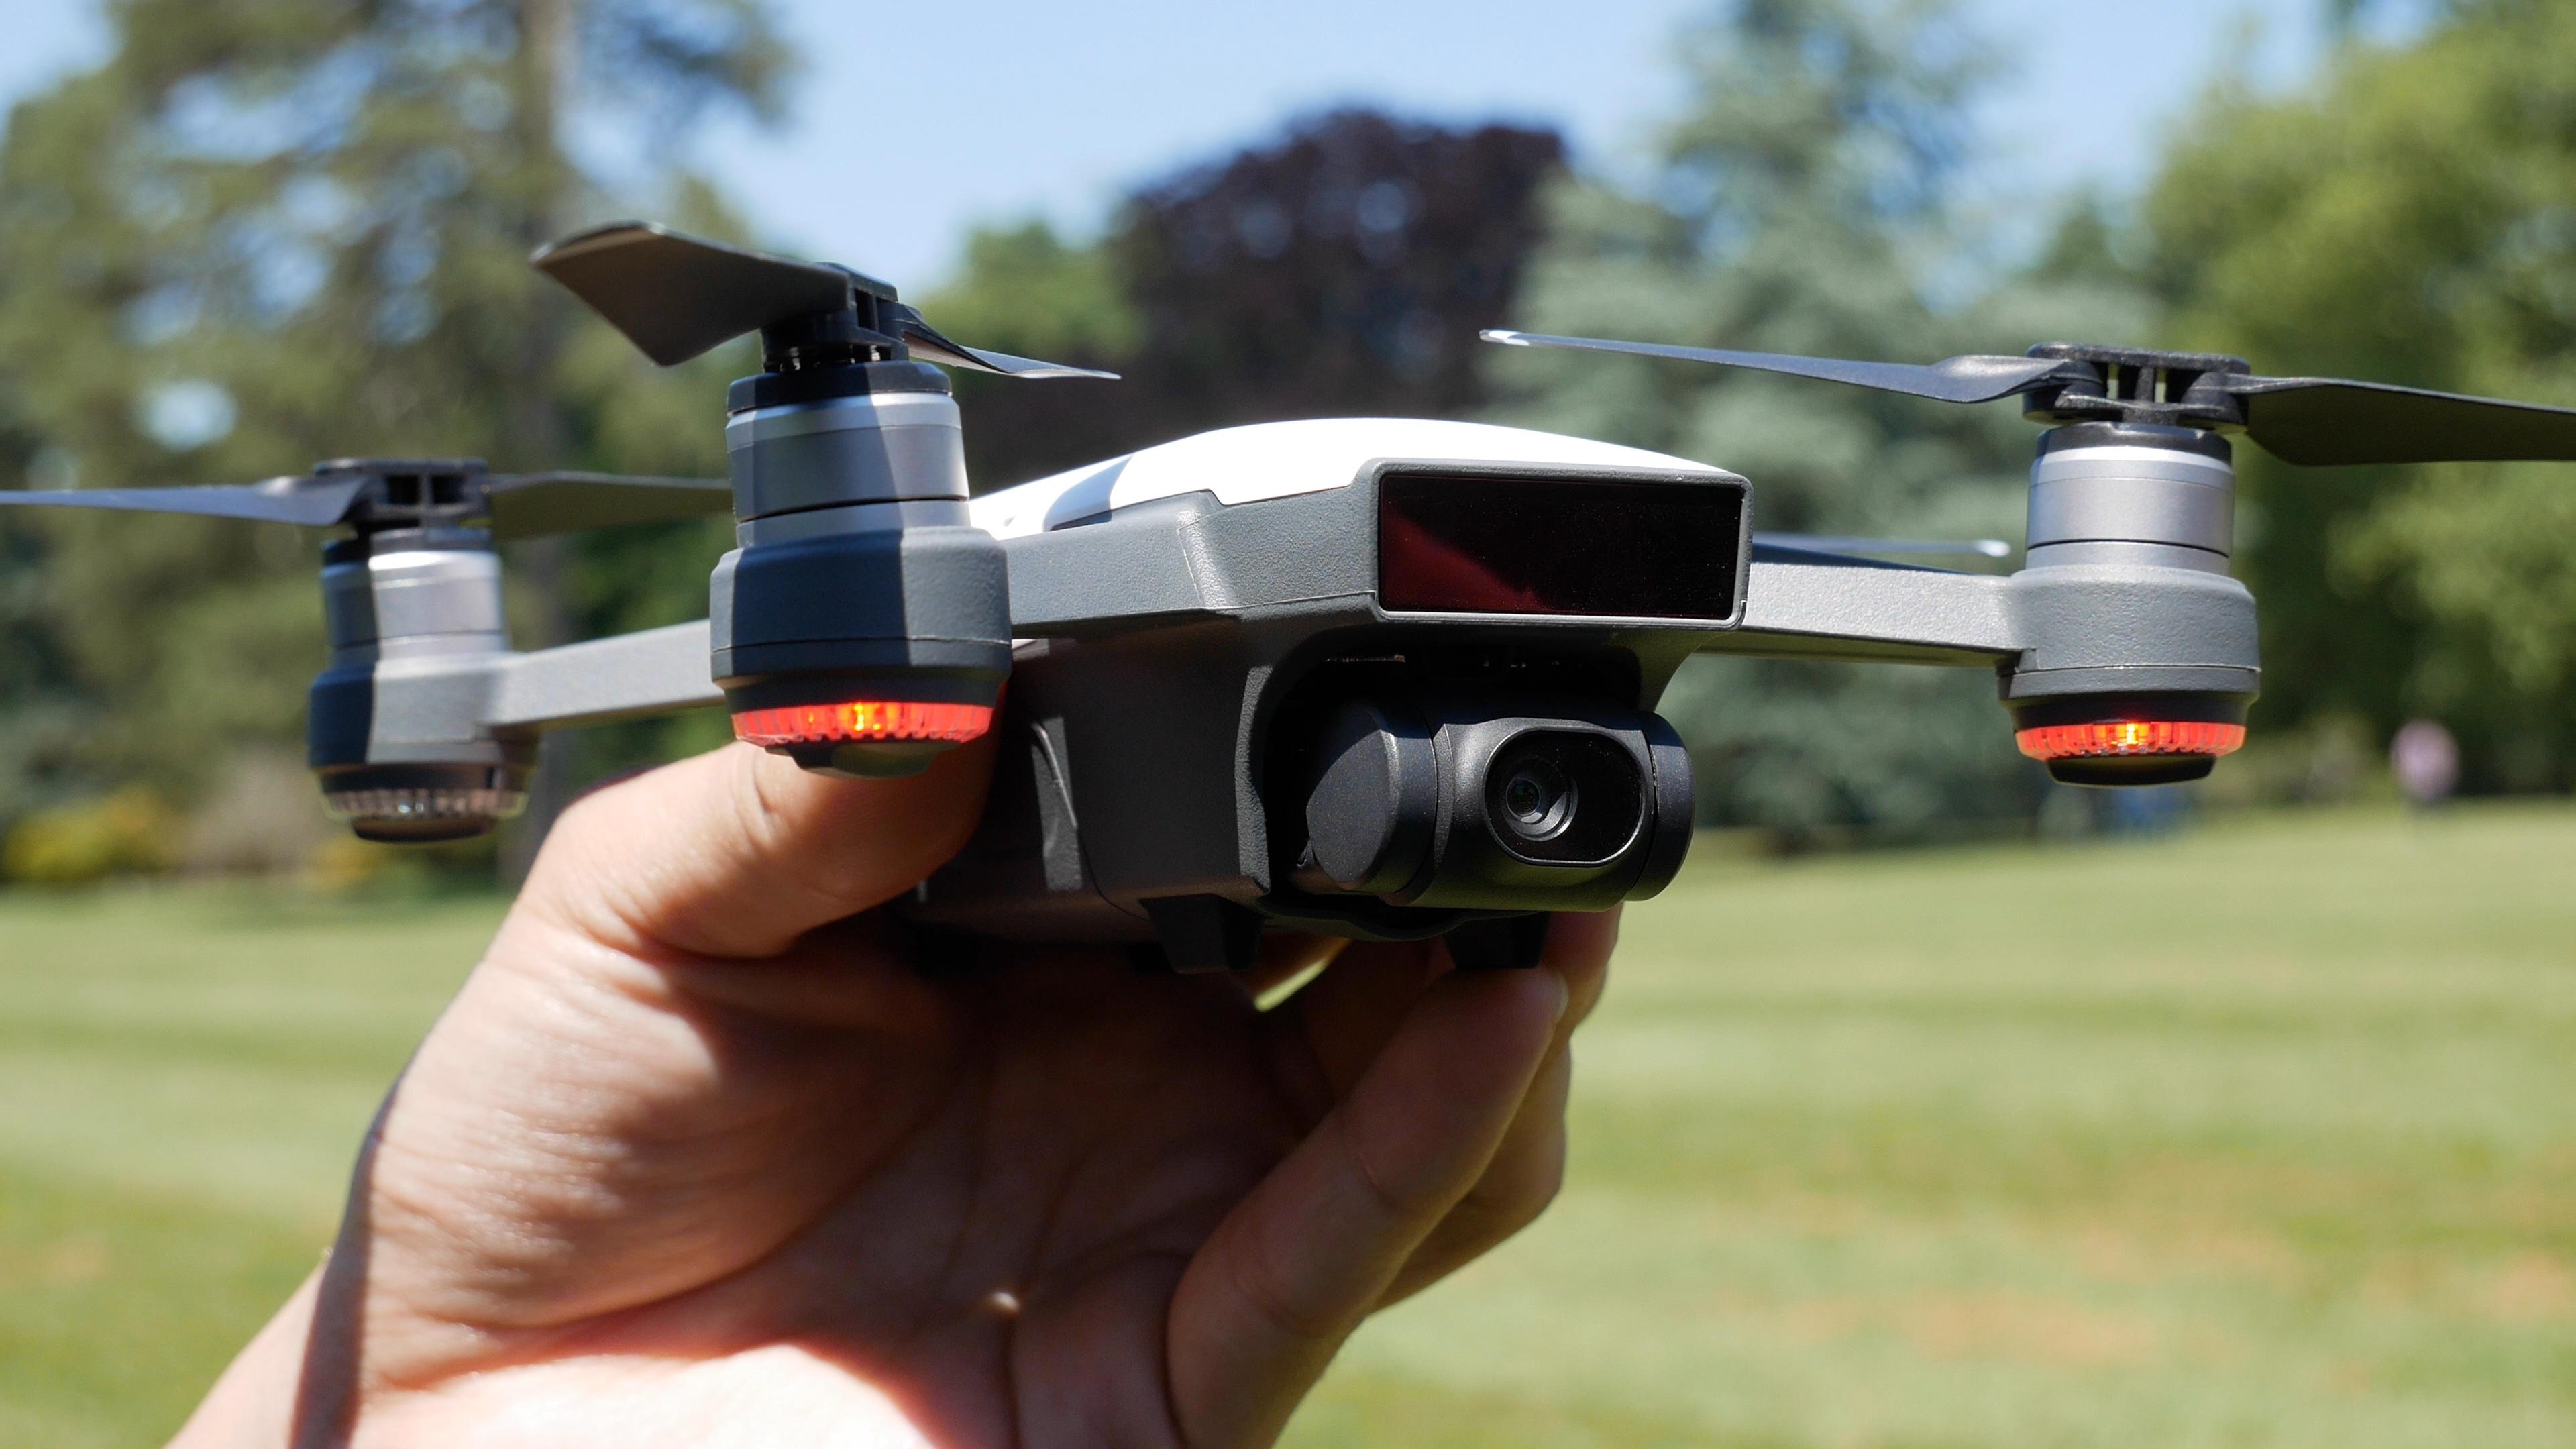 🔥 Bon plan : le DJI Spark Fly More Combo est à 566 euros sur Tomtop au lieu de 800 euros